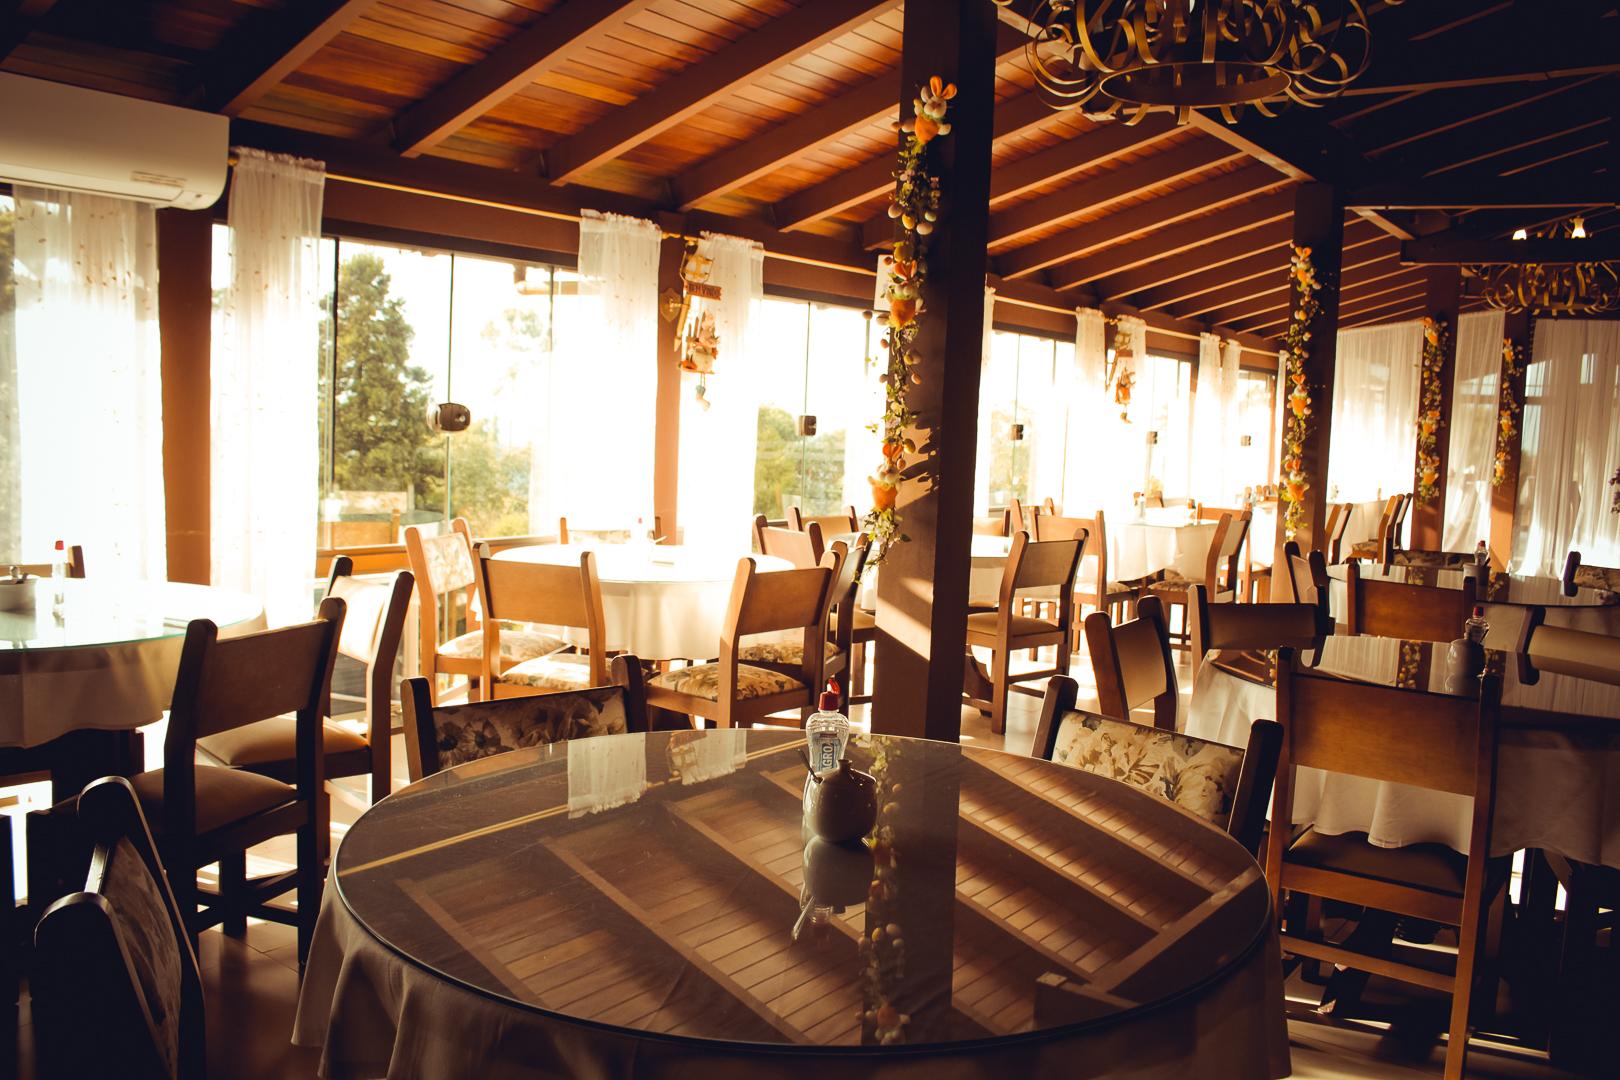 Restaurante e Café da Manhã no Hotel Bangalôs da Serra em Gramado - Natassia Truz Moraes na Serra Gaúcha